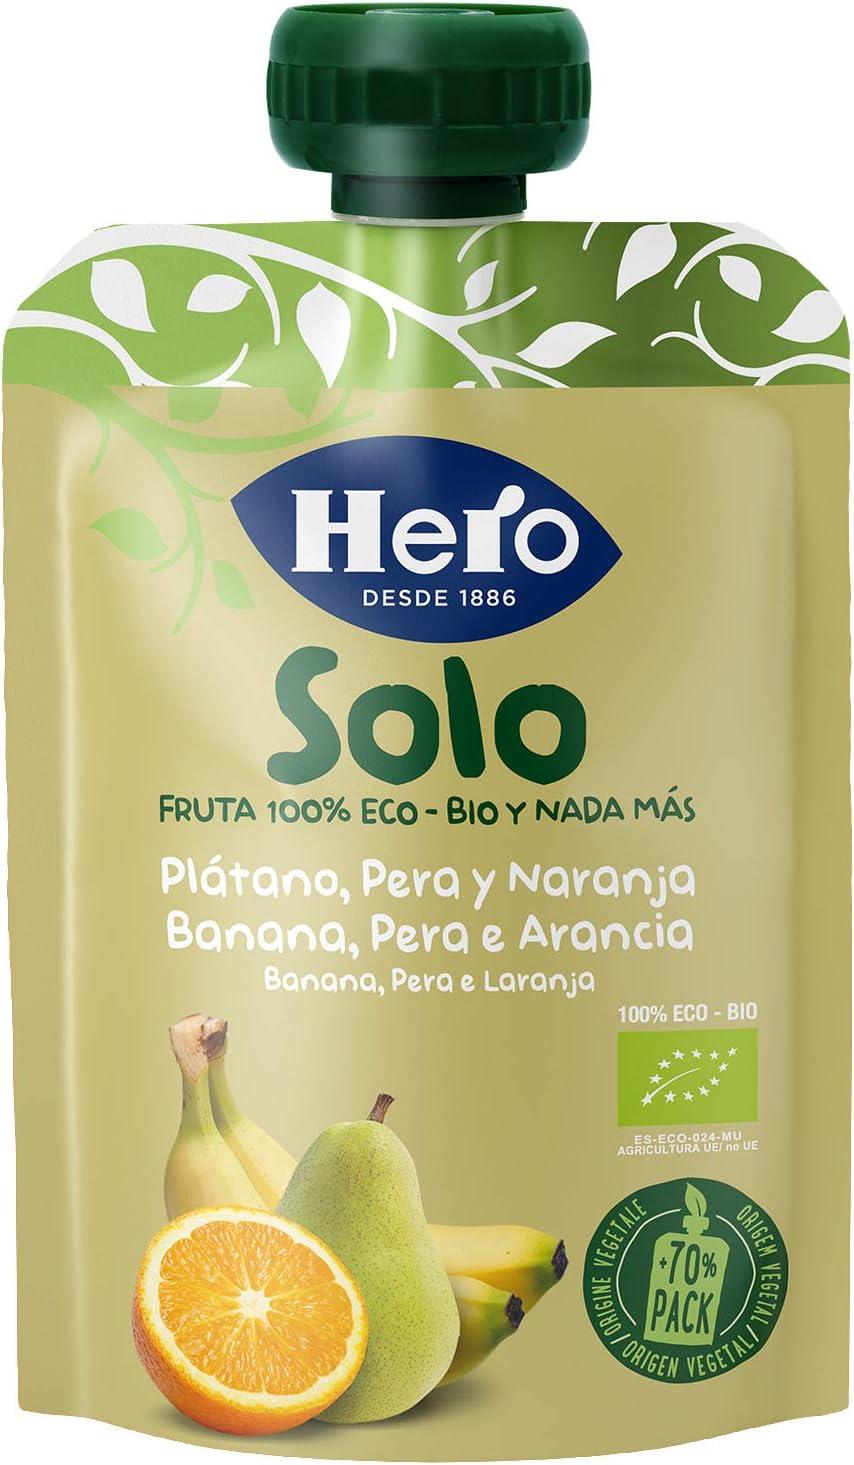 Hero Baby Solo Bolsita de Plátano, Pera y Naranja Puré de Frutas Ecológico para Llevar para Bebés a partir de 4 meses Pack 18x100 g: Amazon.es: Alimentación y bebidas